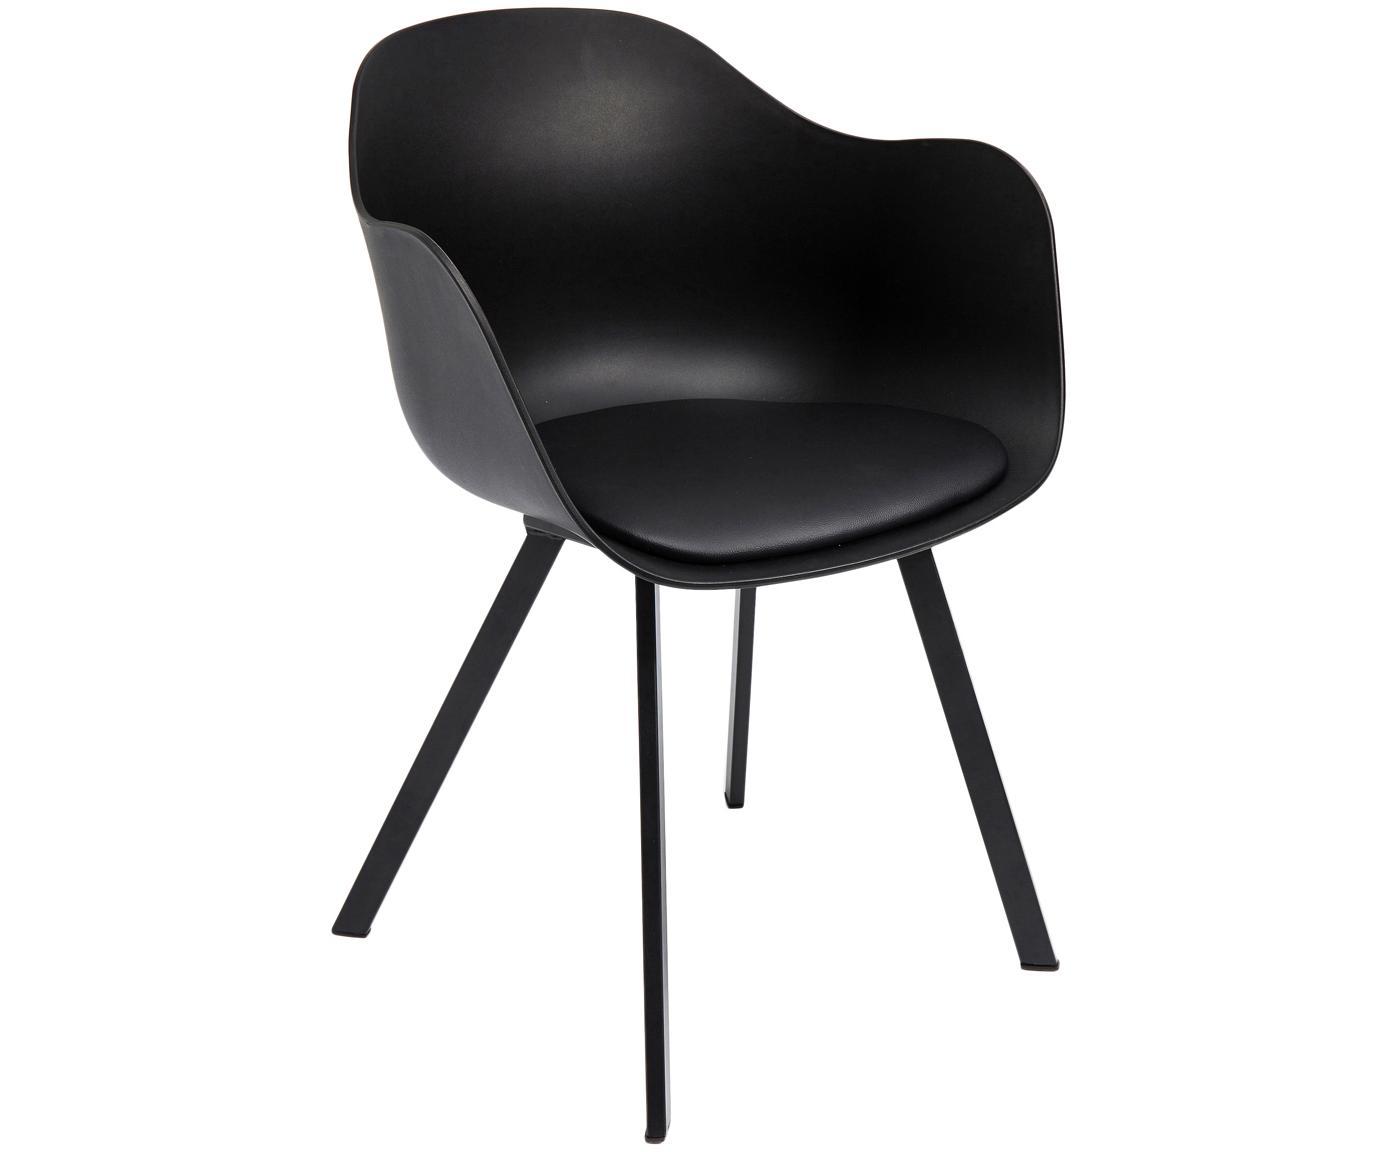 Krzesło z podłokietnikami Brentwood, 2 szt., Tapicerka: sztuczna skóra (poliureta, Nogi: metal malowany proszkowo, Czarny, S 58 x G 53 cm